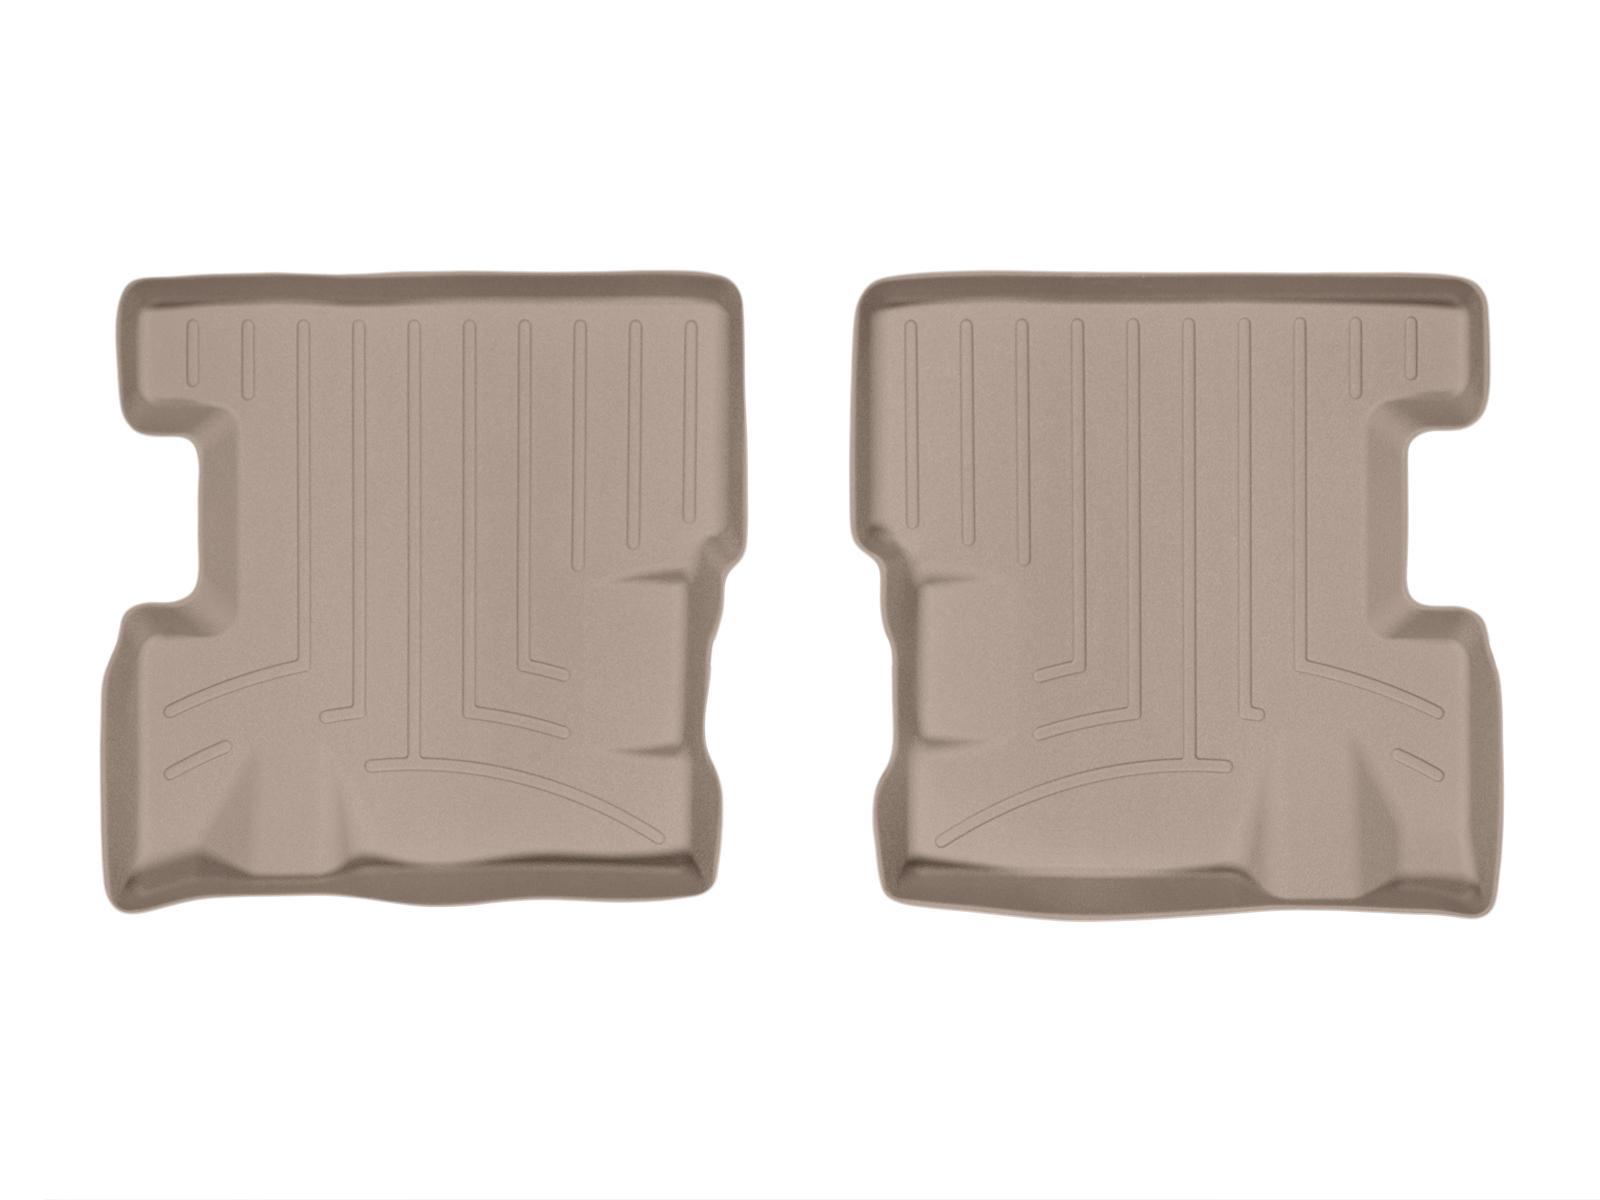 Tappeti gomma su misura bordo alto Opel Adam 12>17 Marrone A2946